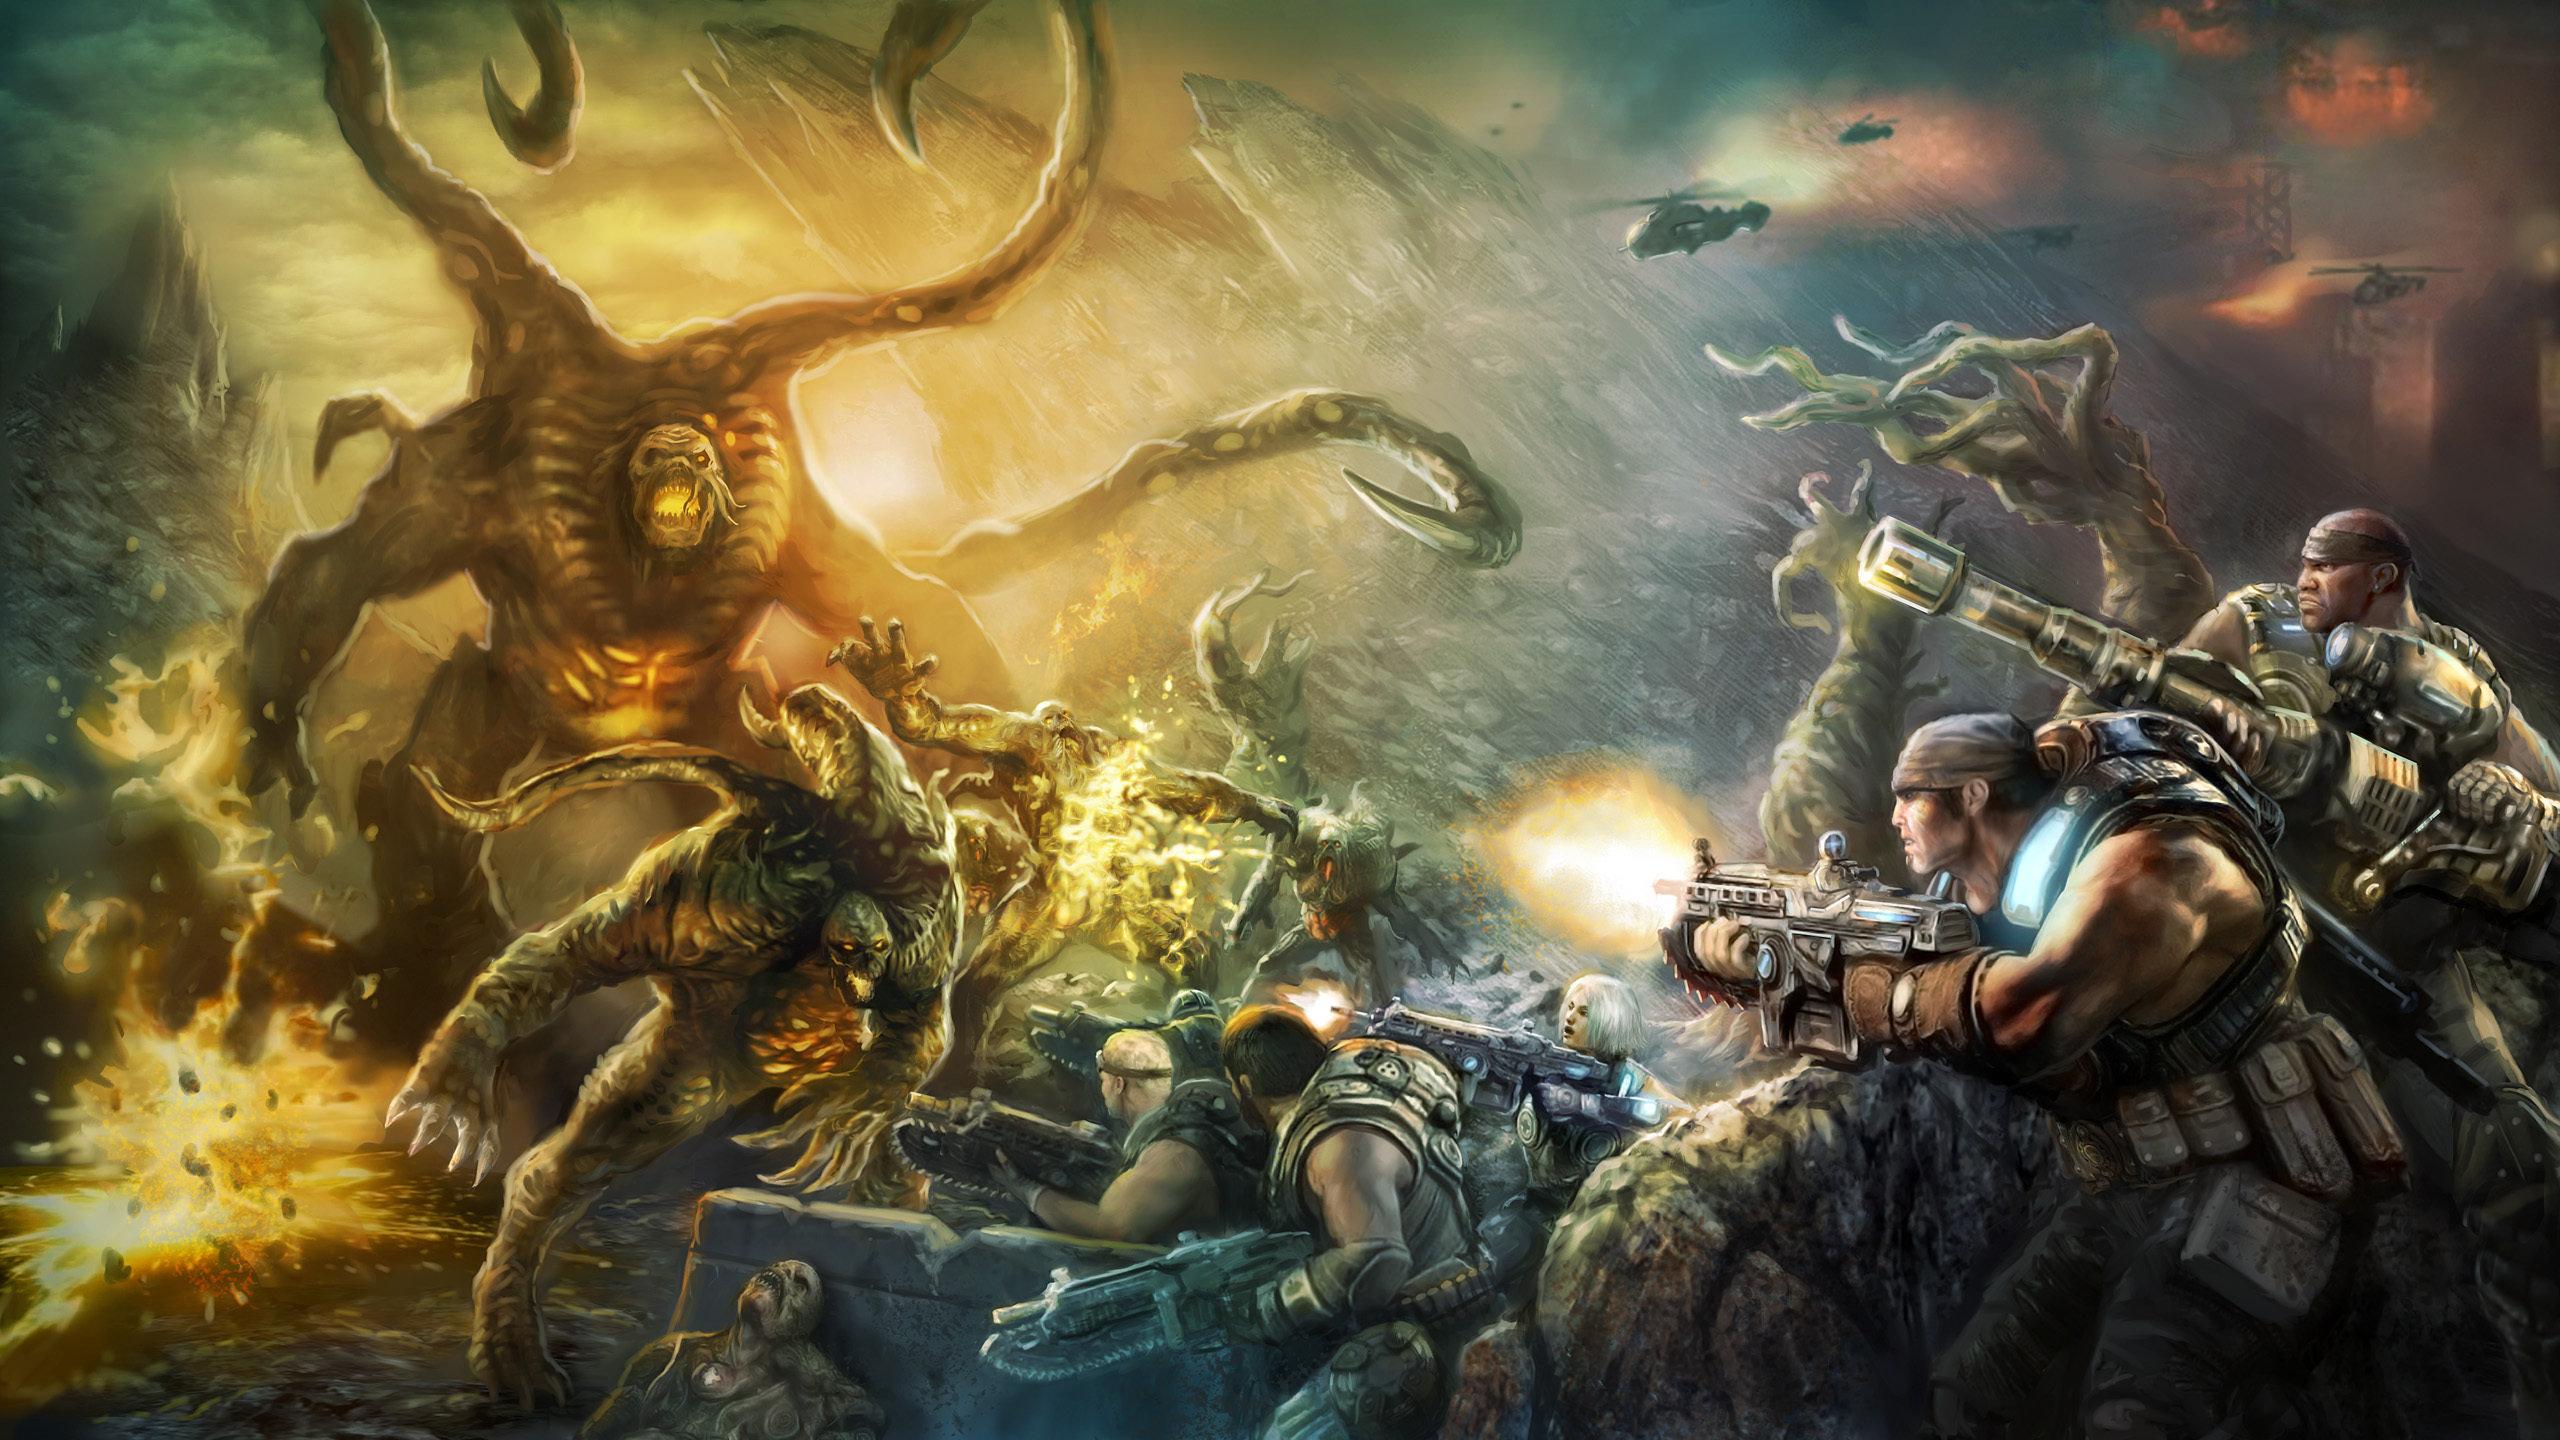 Gears Of War Wallpapers 2560x1440 Desktop Backgrounds